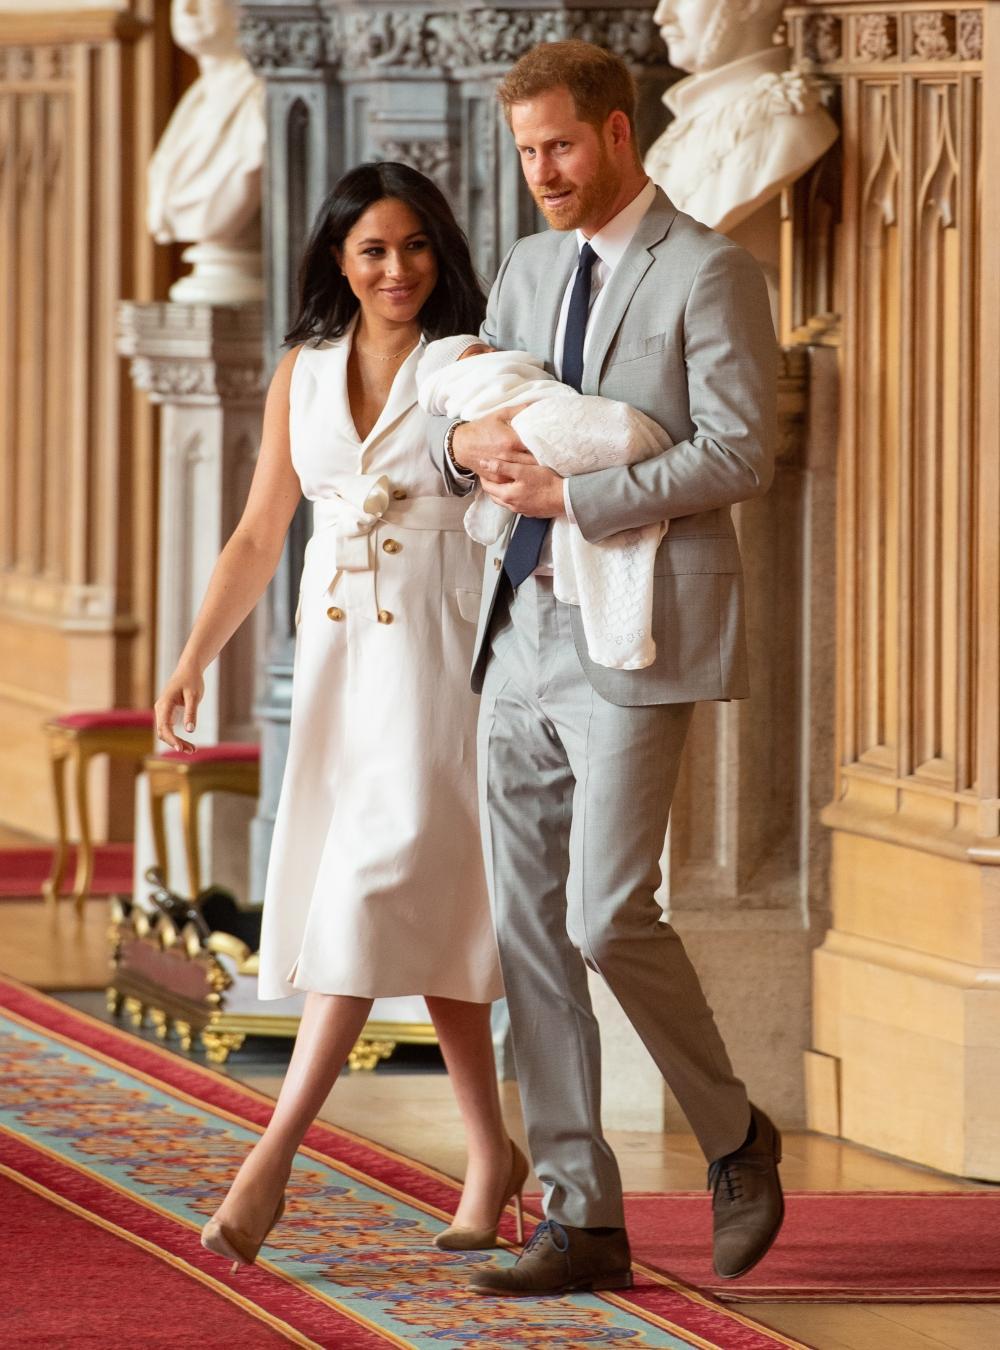 Les premières images du royal baby de Meghan Markle et du prince Harry